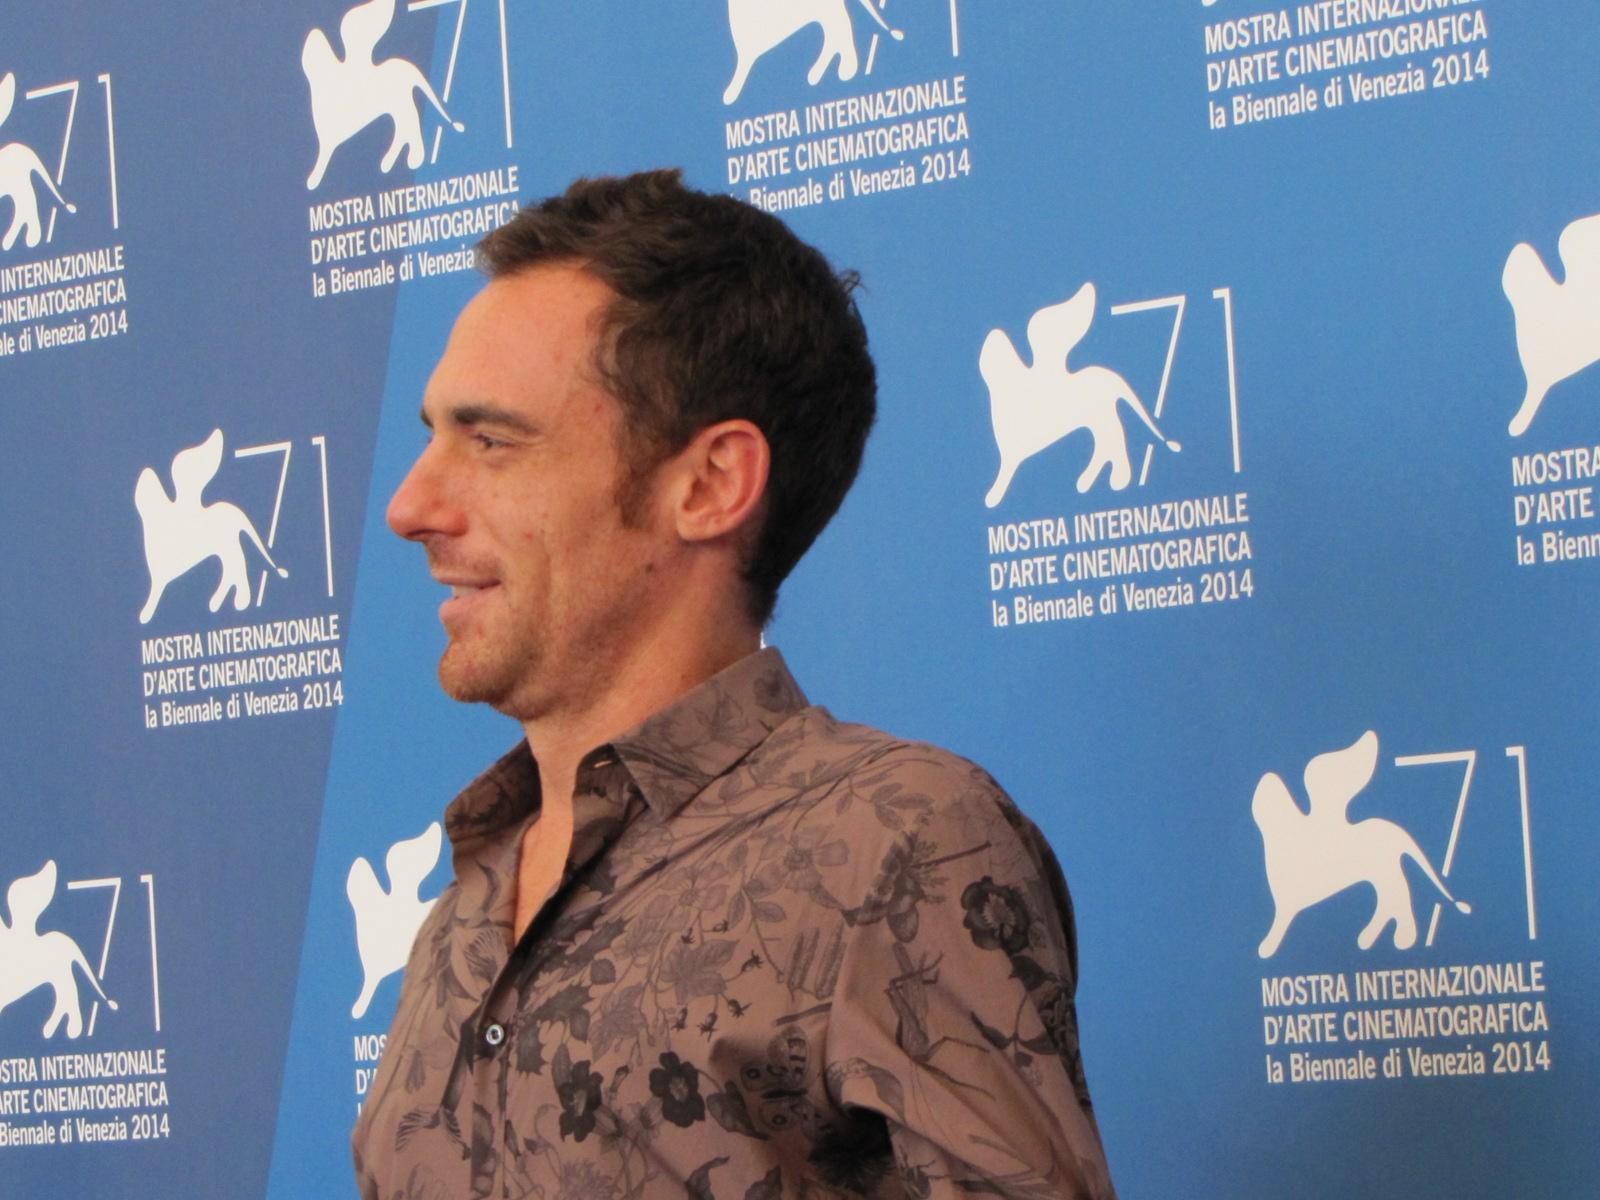 Mostra del Cinema di Venezia, Elio Germano protagonista de Il giovane favoloso